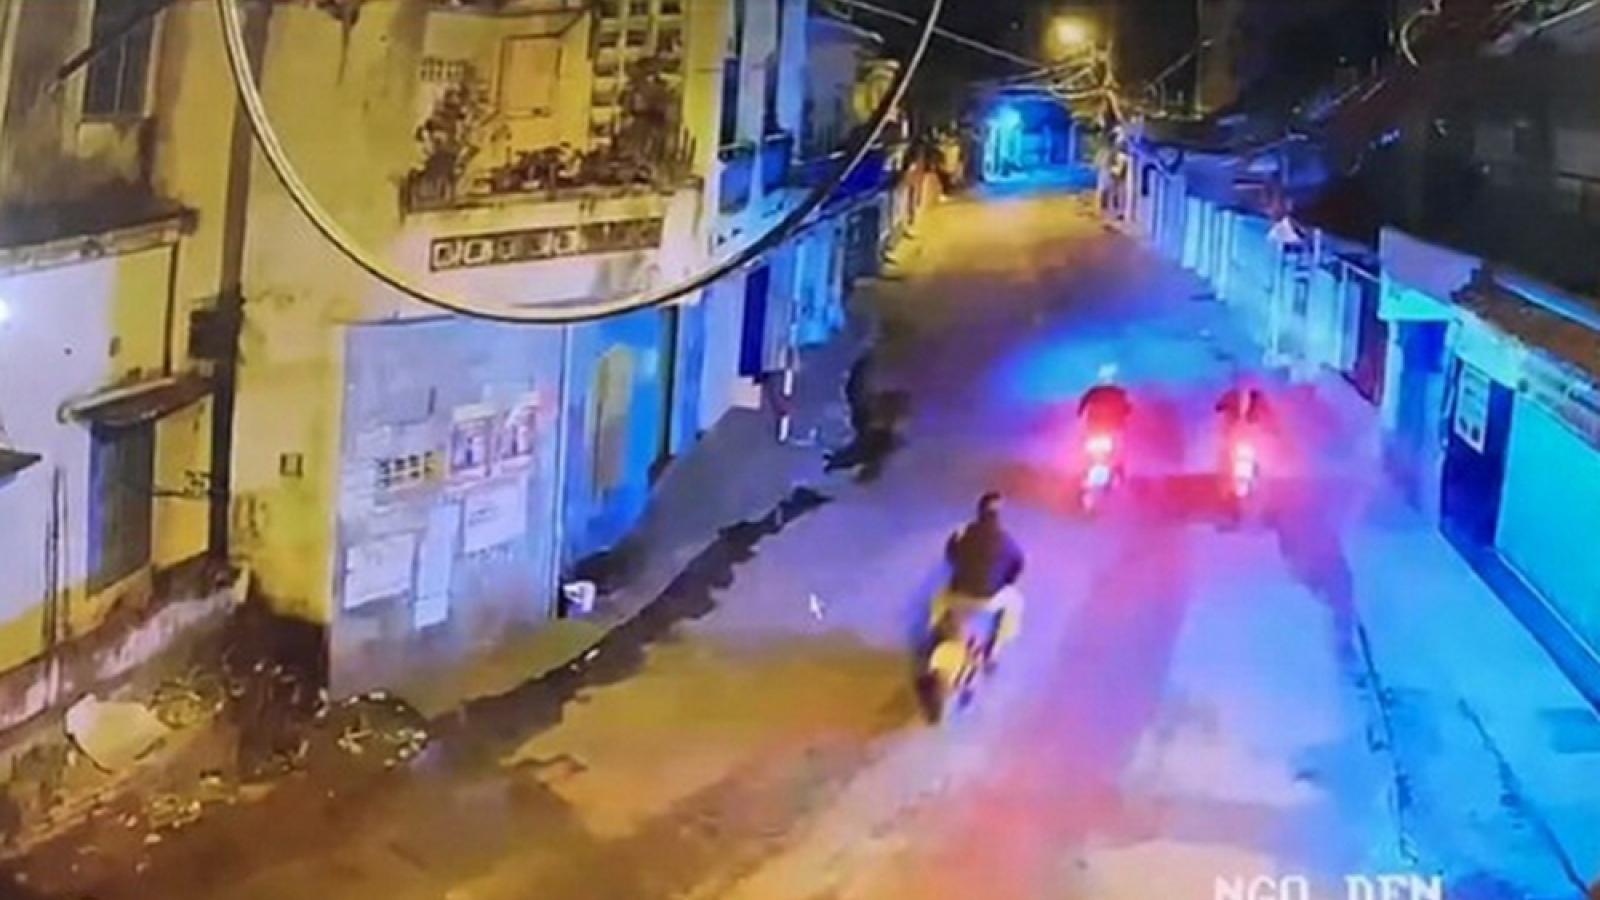 Nóng 24h: Bắt giữ đối tượng đâm chết người sau va chạm giao thông